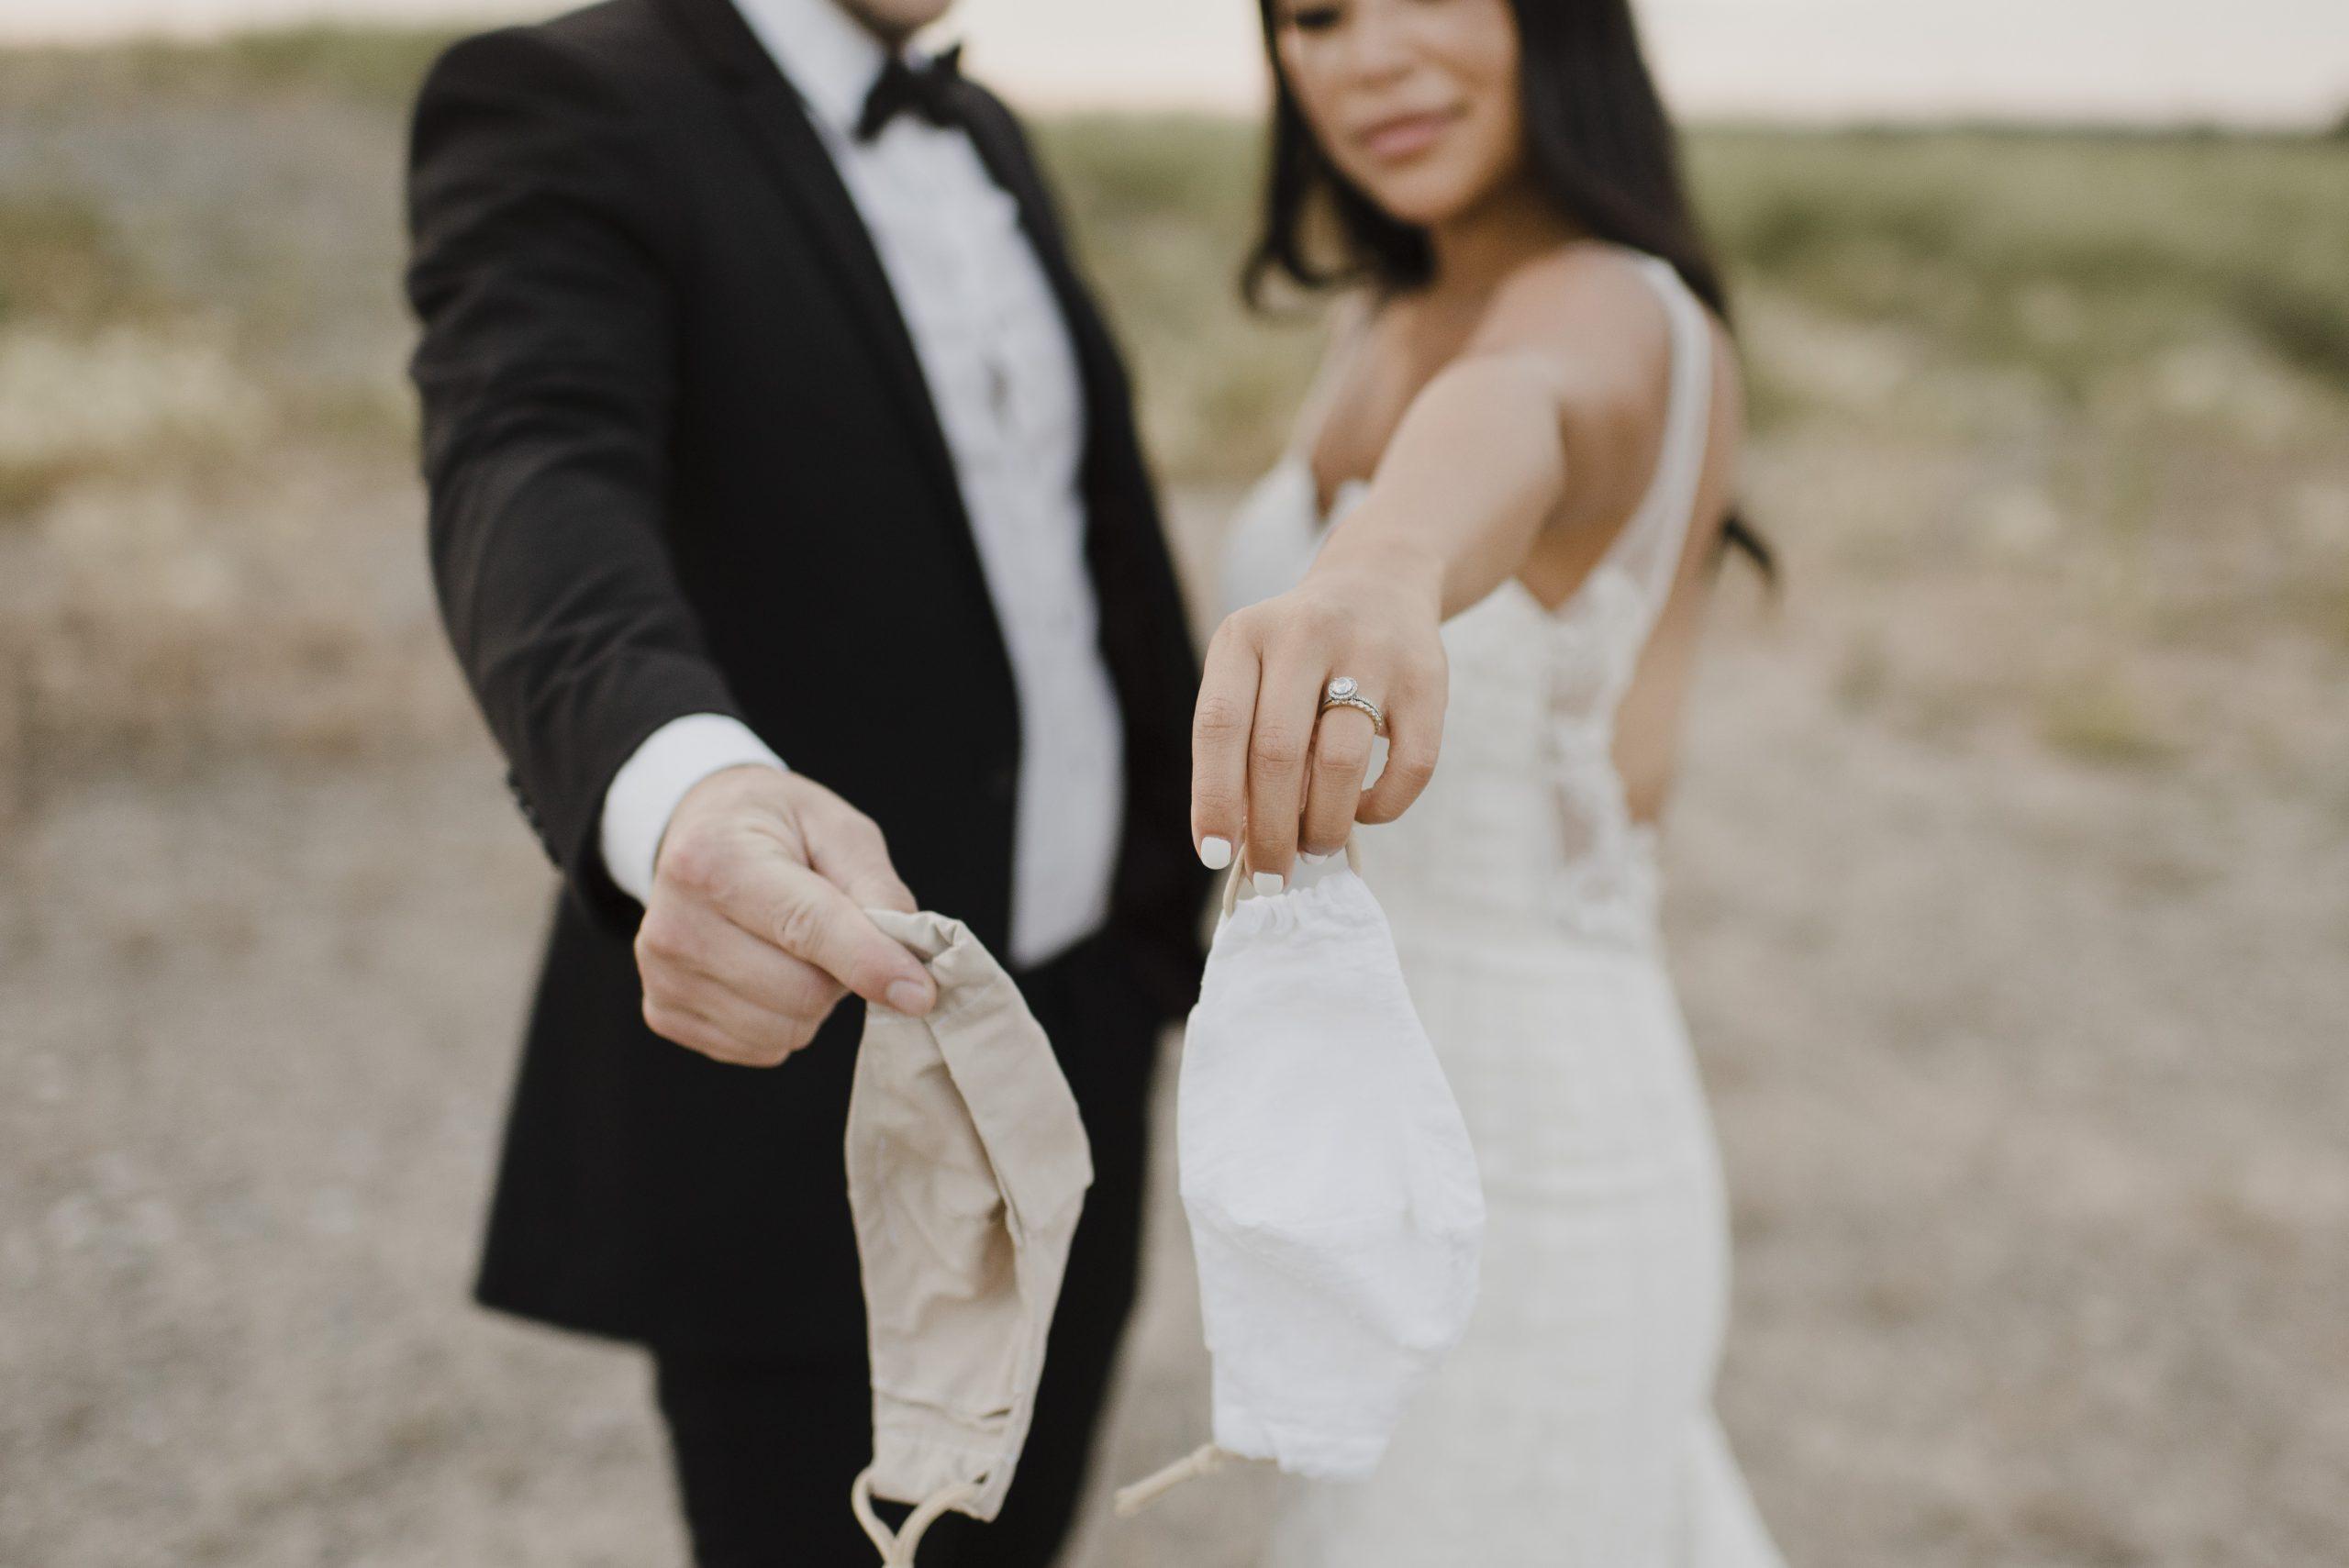 Un couple de mariés brandissant des masques faciaux faisant partie des nouvelles règles de verrouillage des mariages.